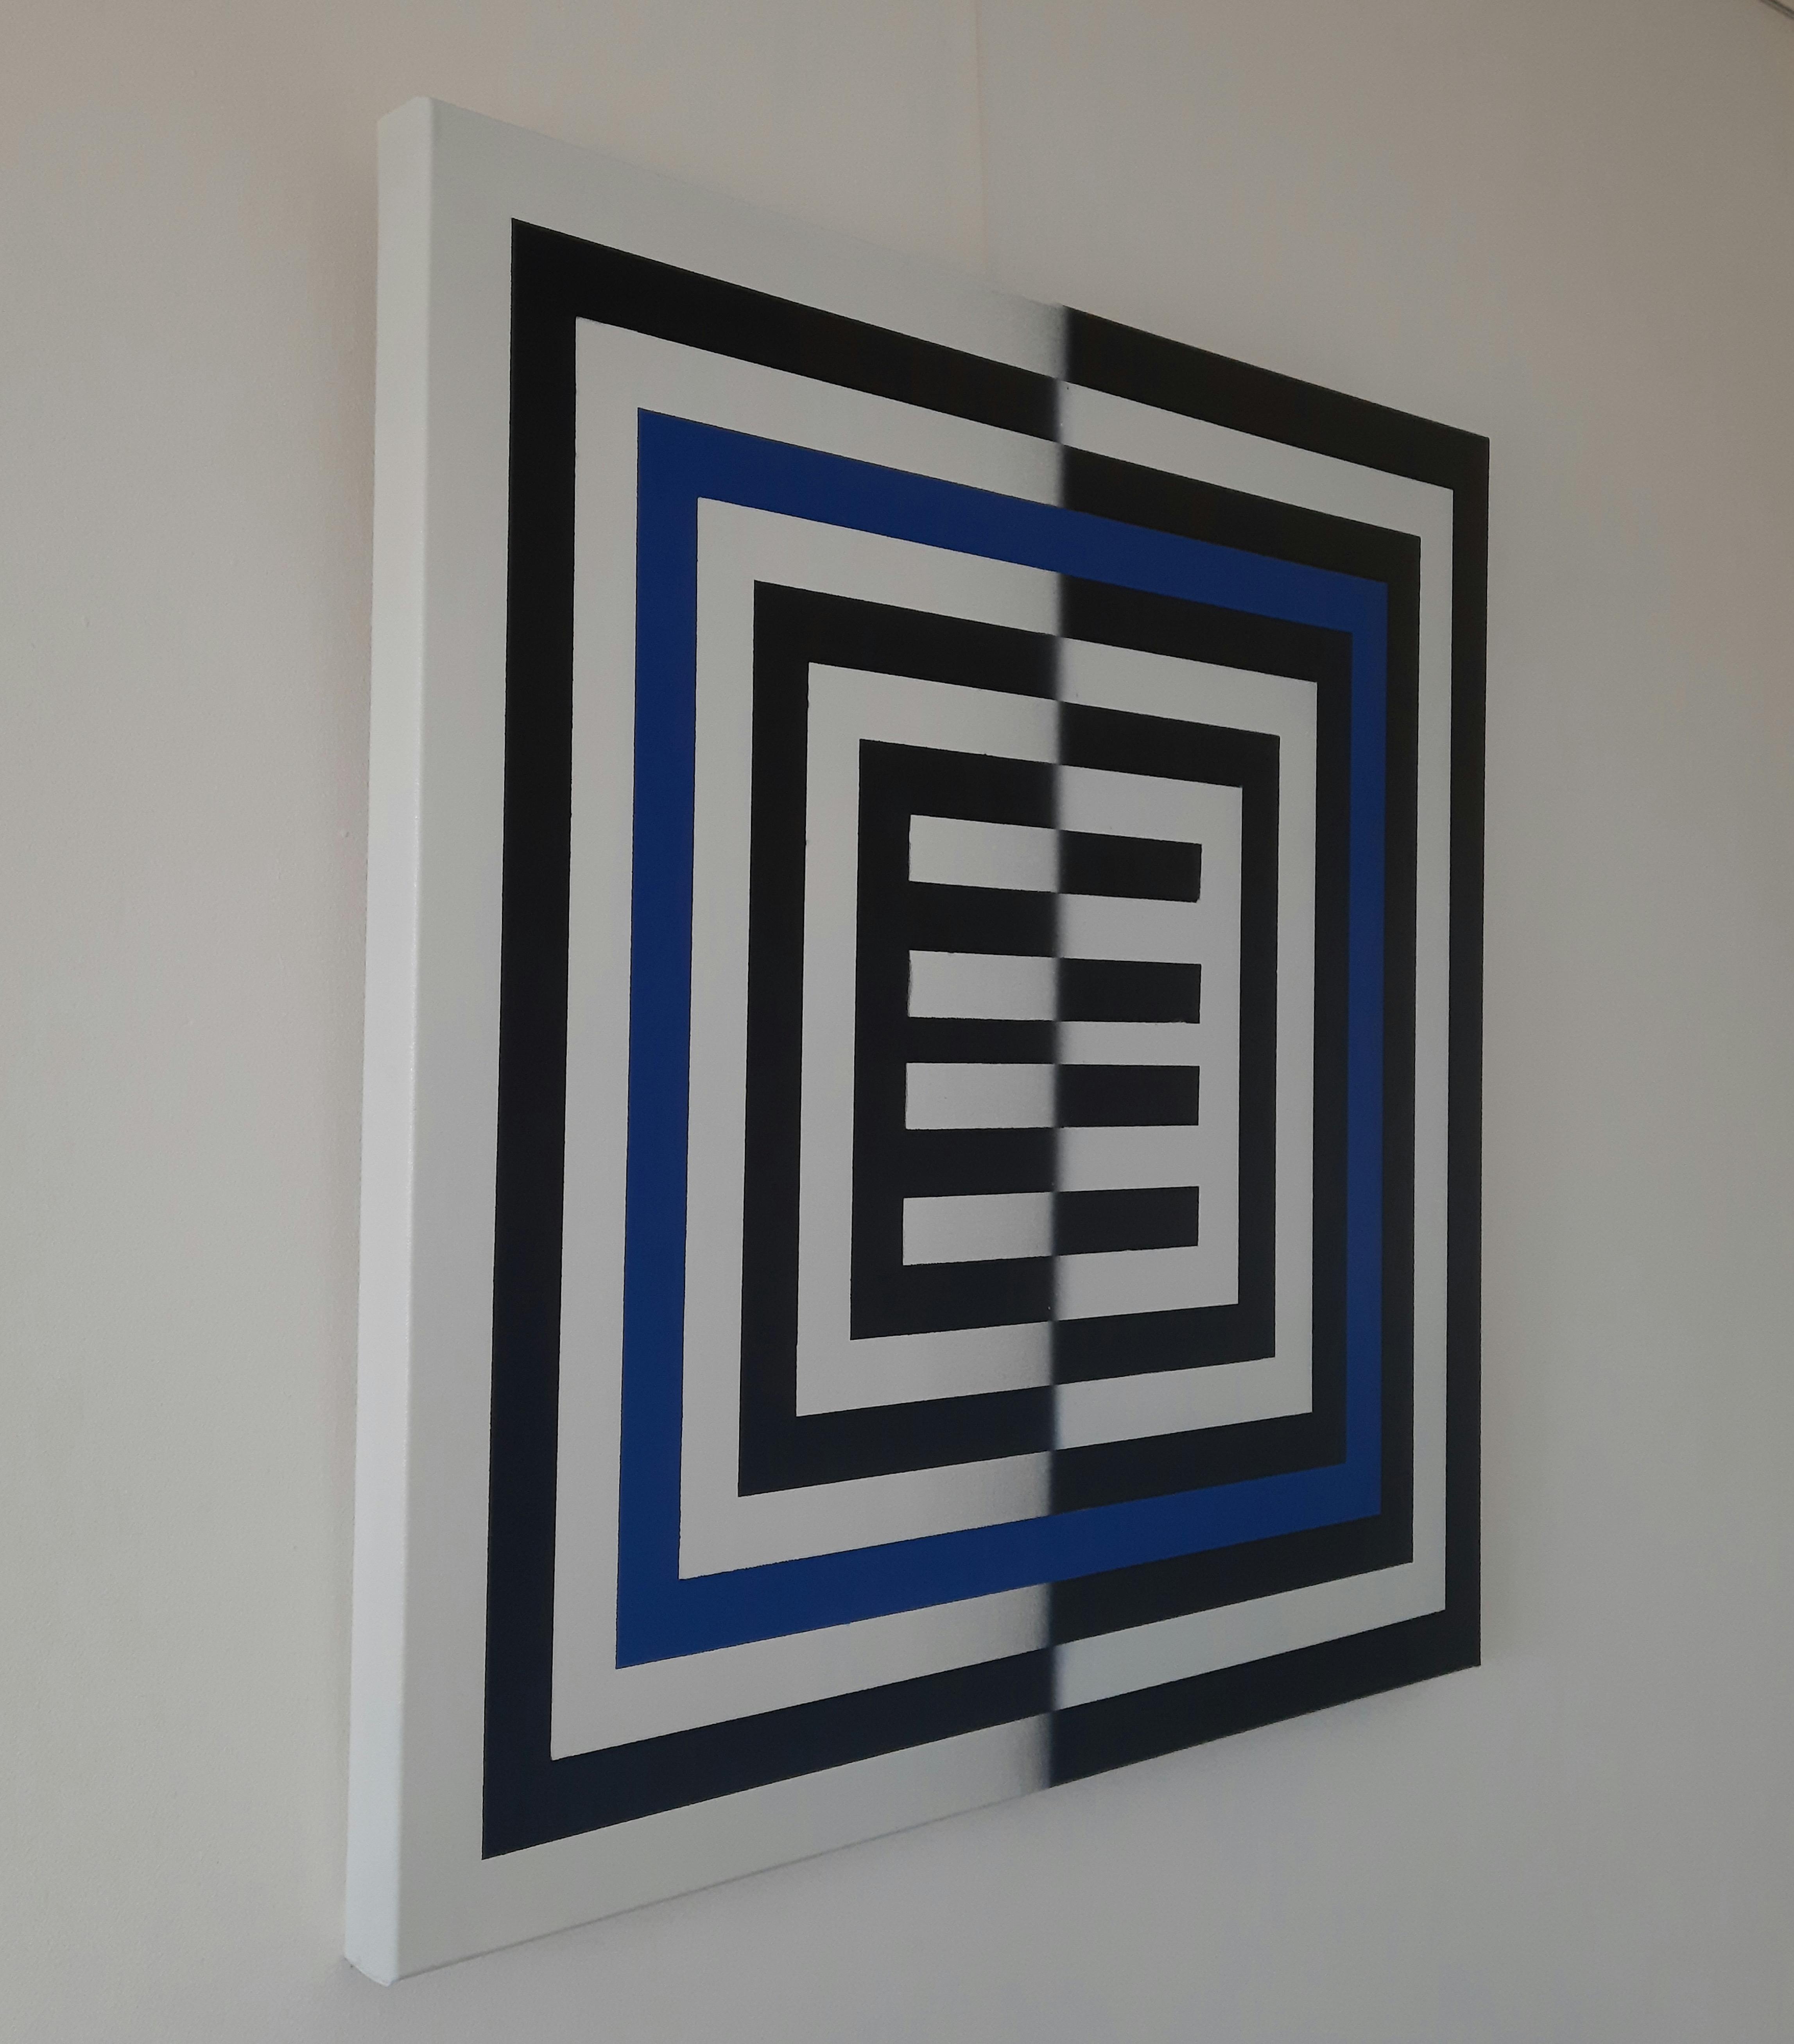 ESONE (PEDRO DENTINHO) 'TAKE THE BLUE PILL' - 2021-ORIGINAL 1/1 - Image 2 of 5